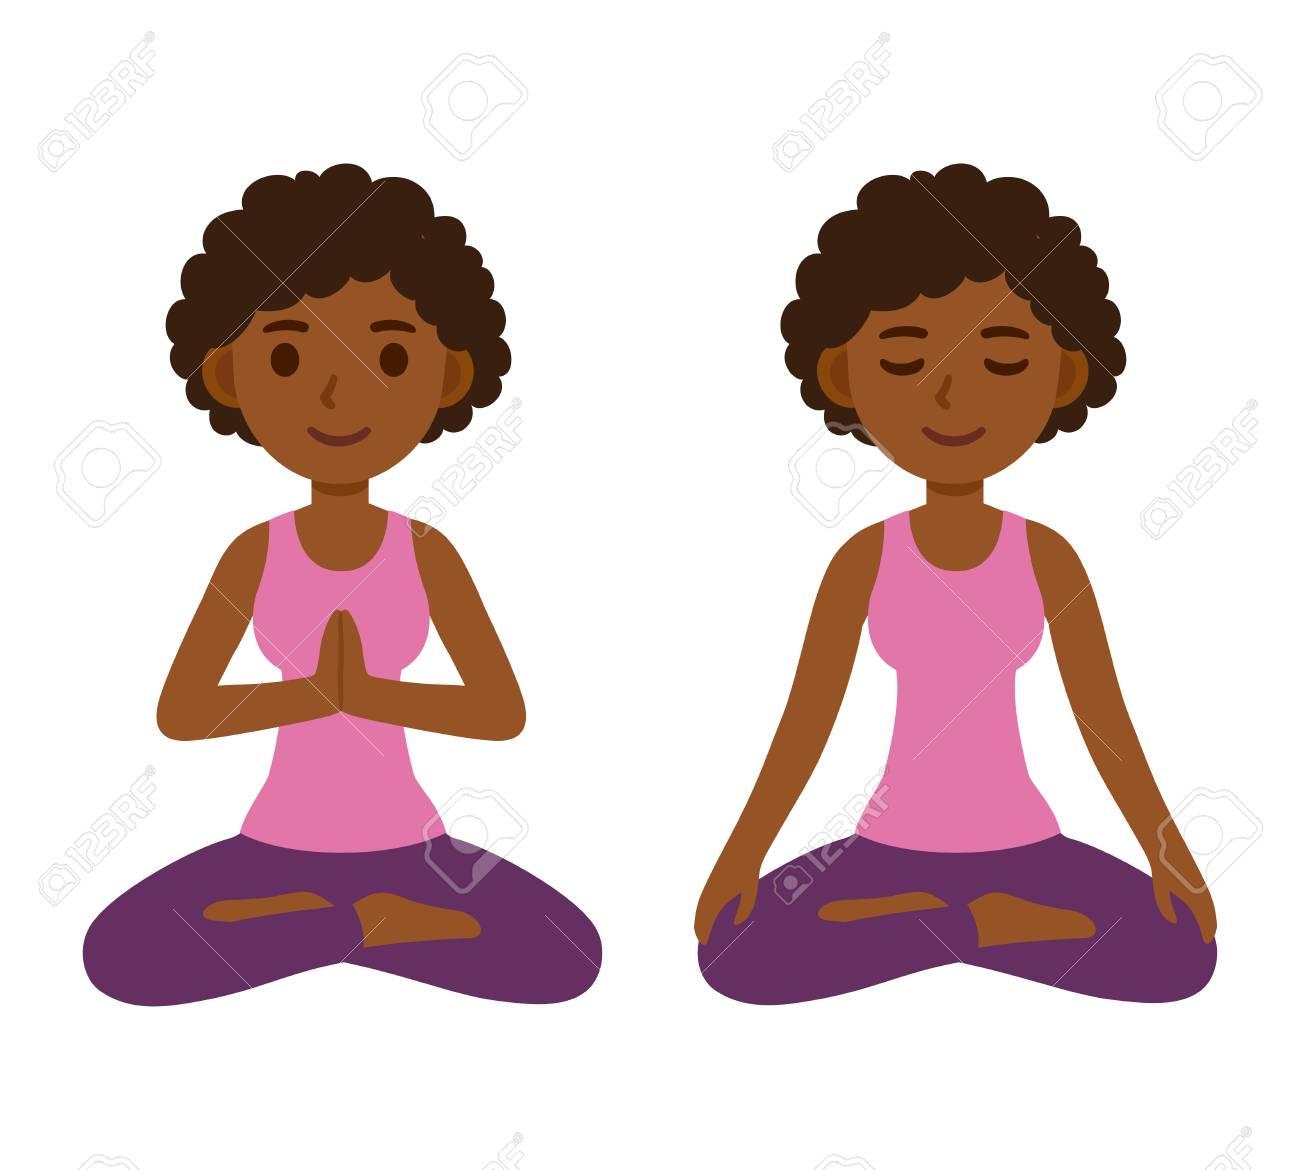 Cute cartoon black girl doing yoga and meditating in lotus pose.